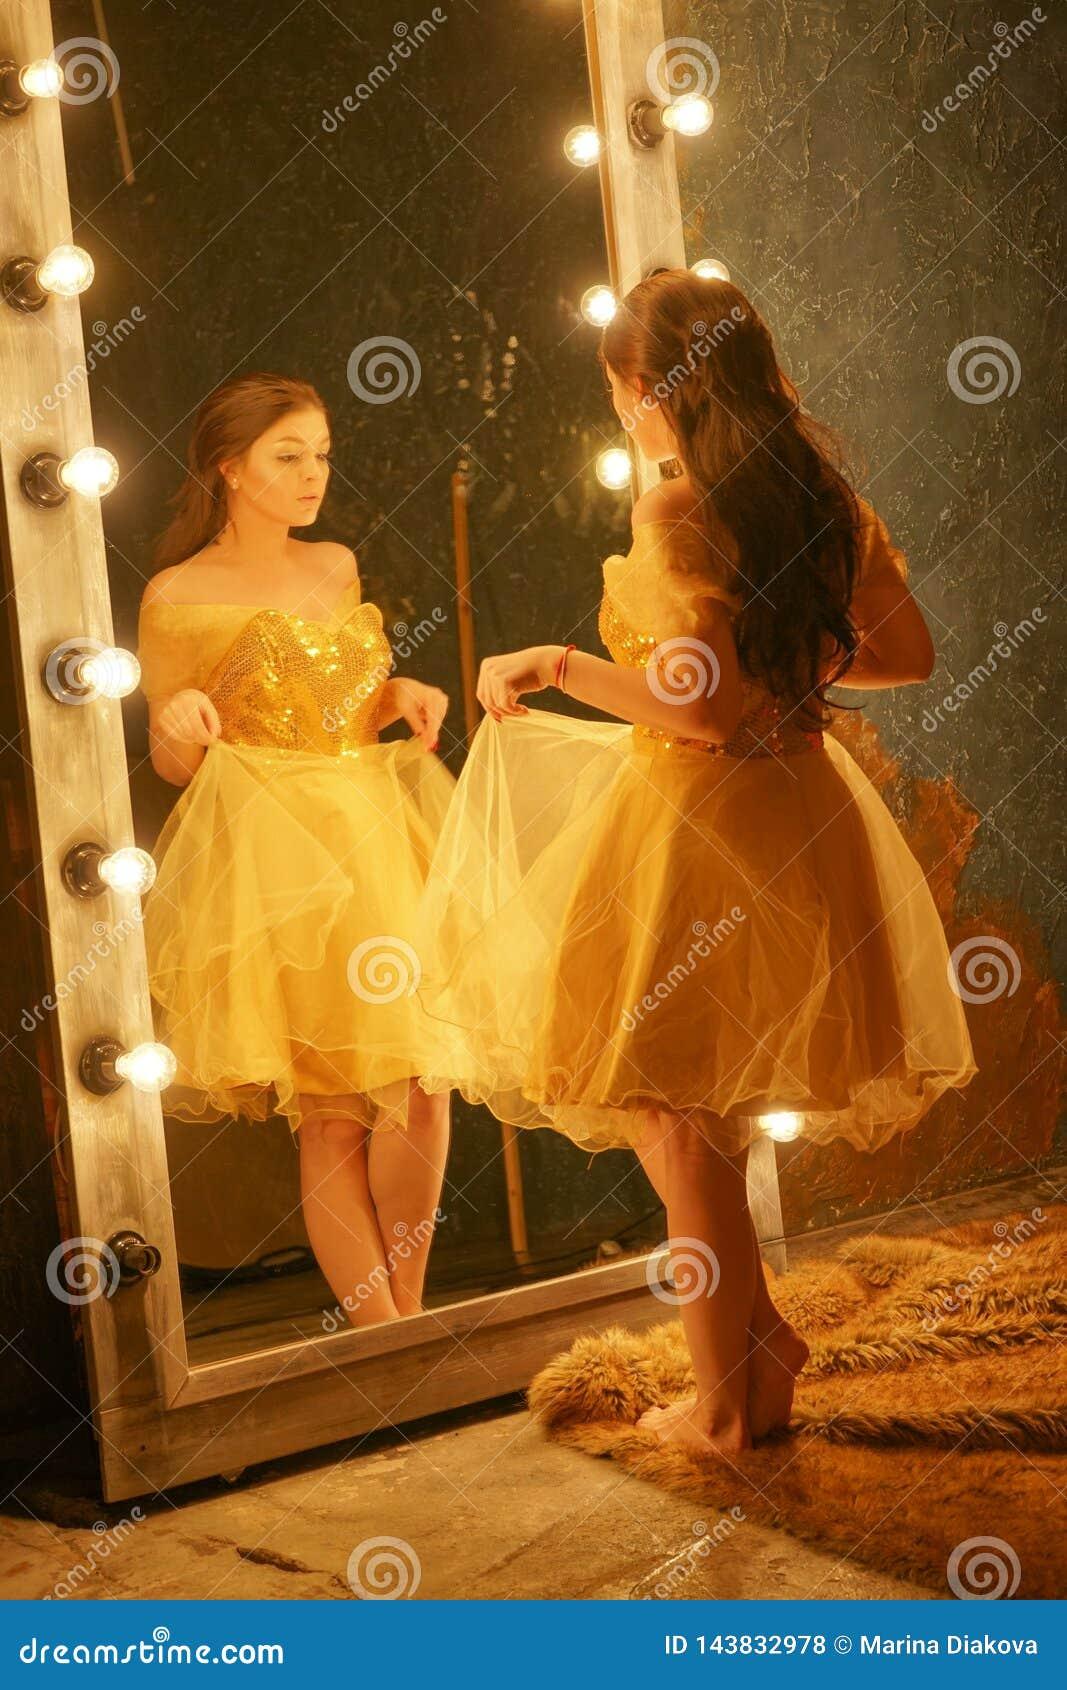 Schönes junges Mädchen in einem Goldabendkleid steht auf einer Pelzwolldecke nahe einem großen Spiegel in einem Rahmen mit Lichte